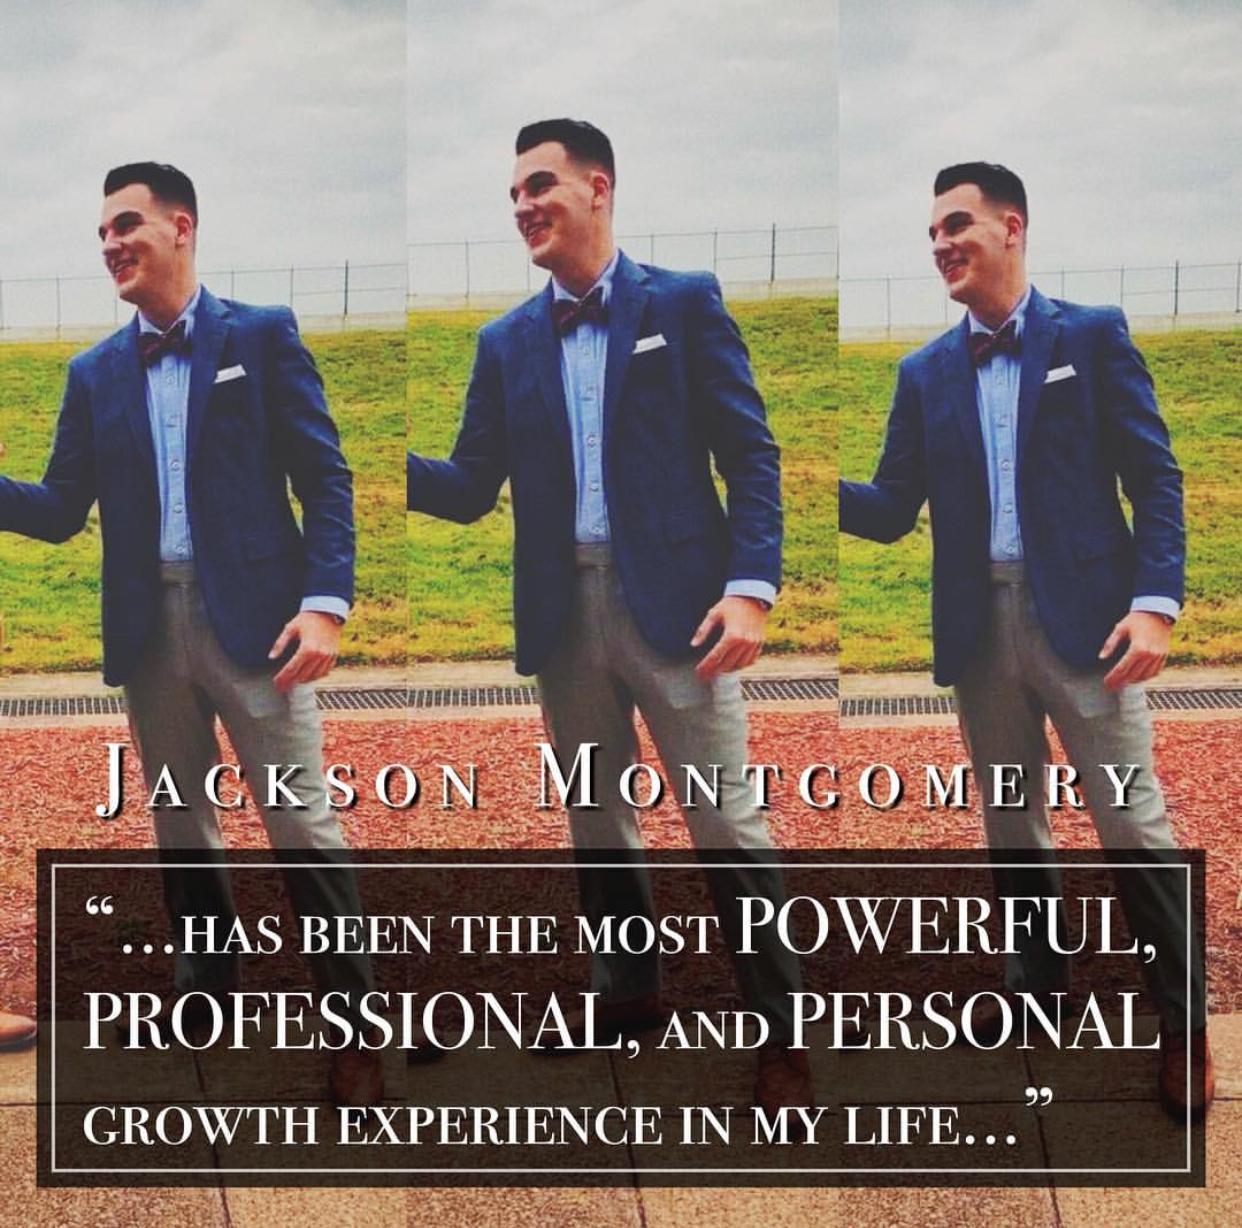 Jackson Montgomery